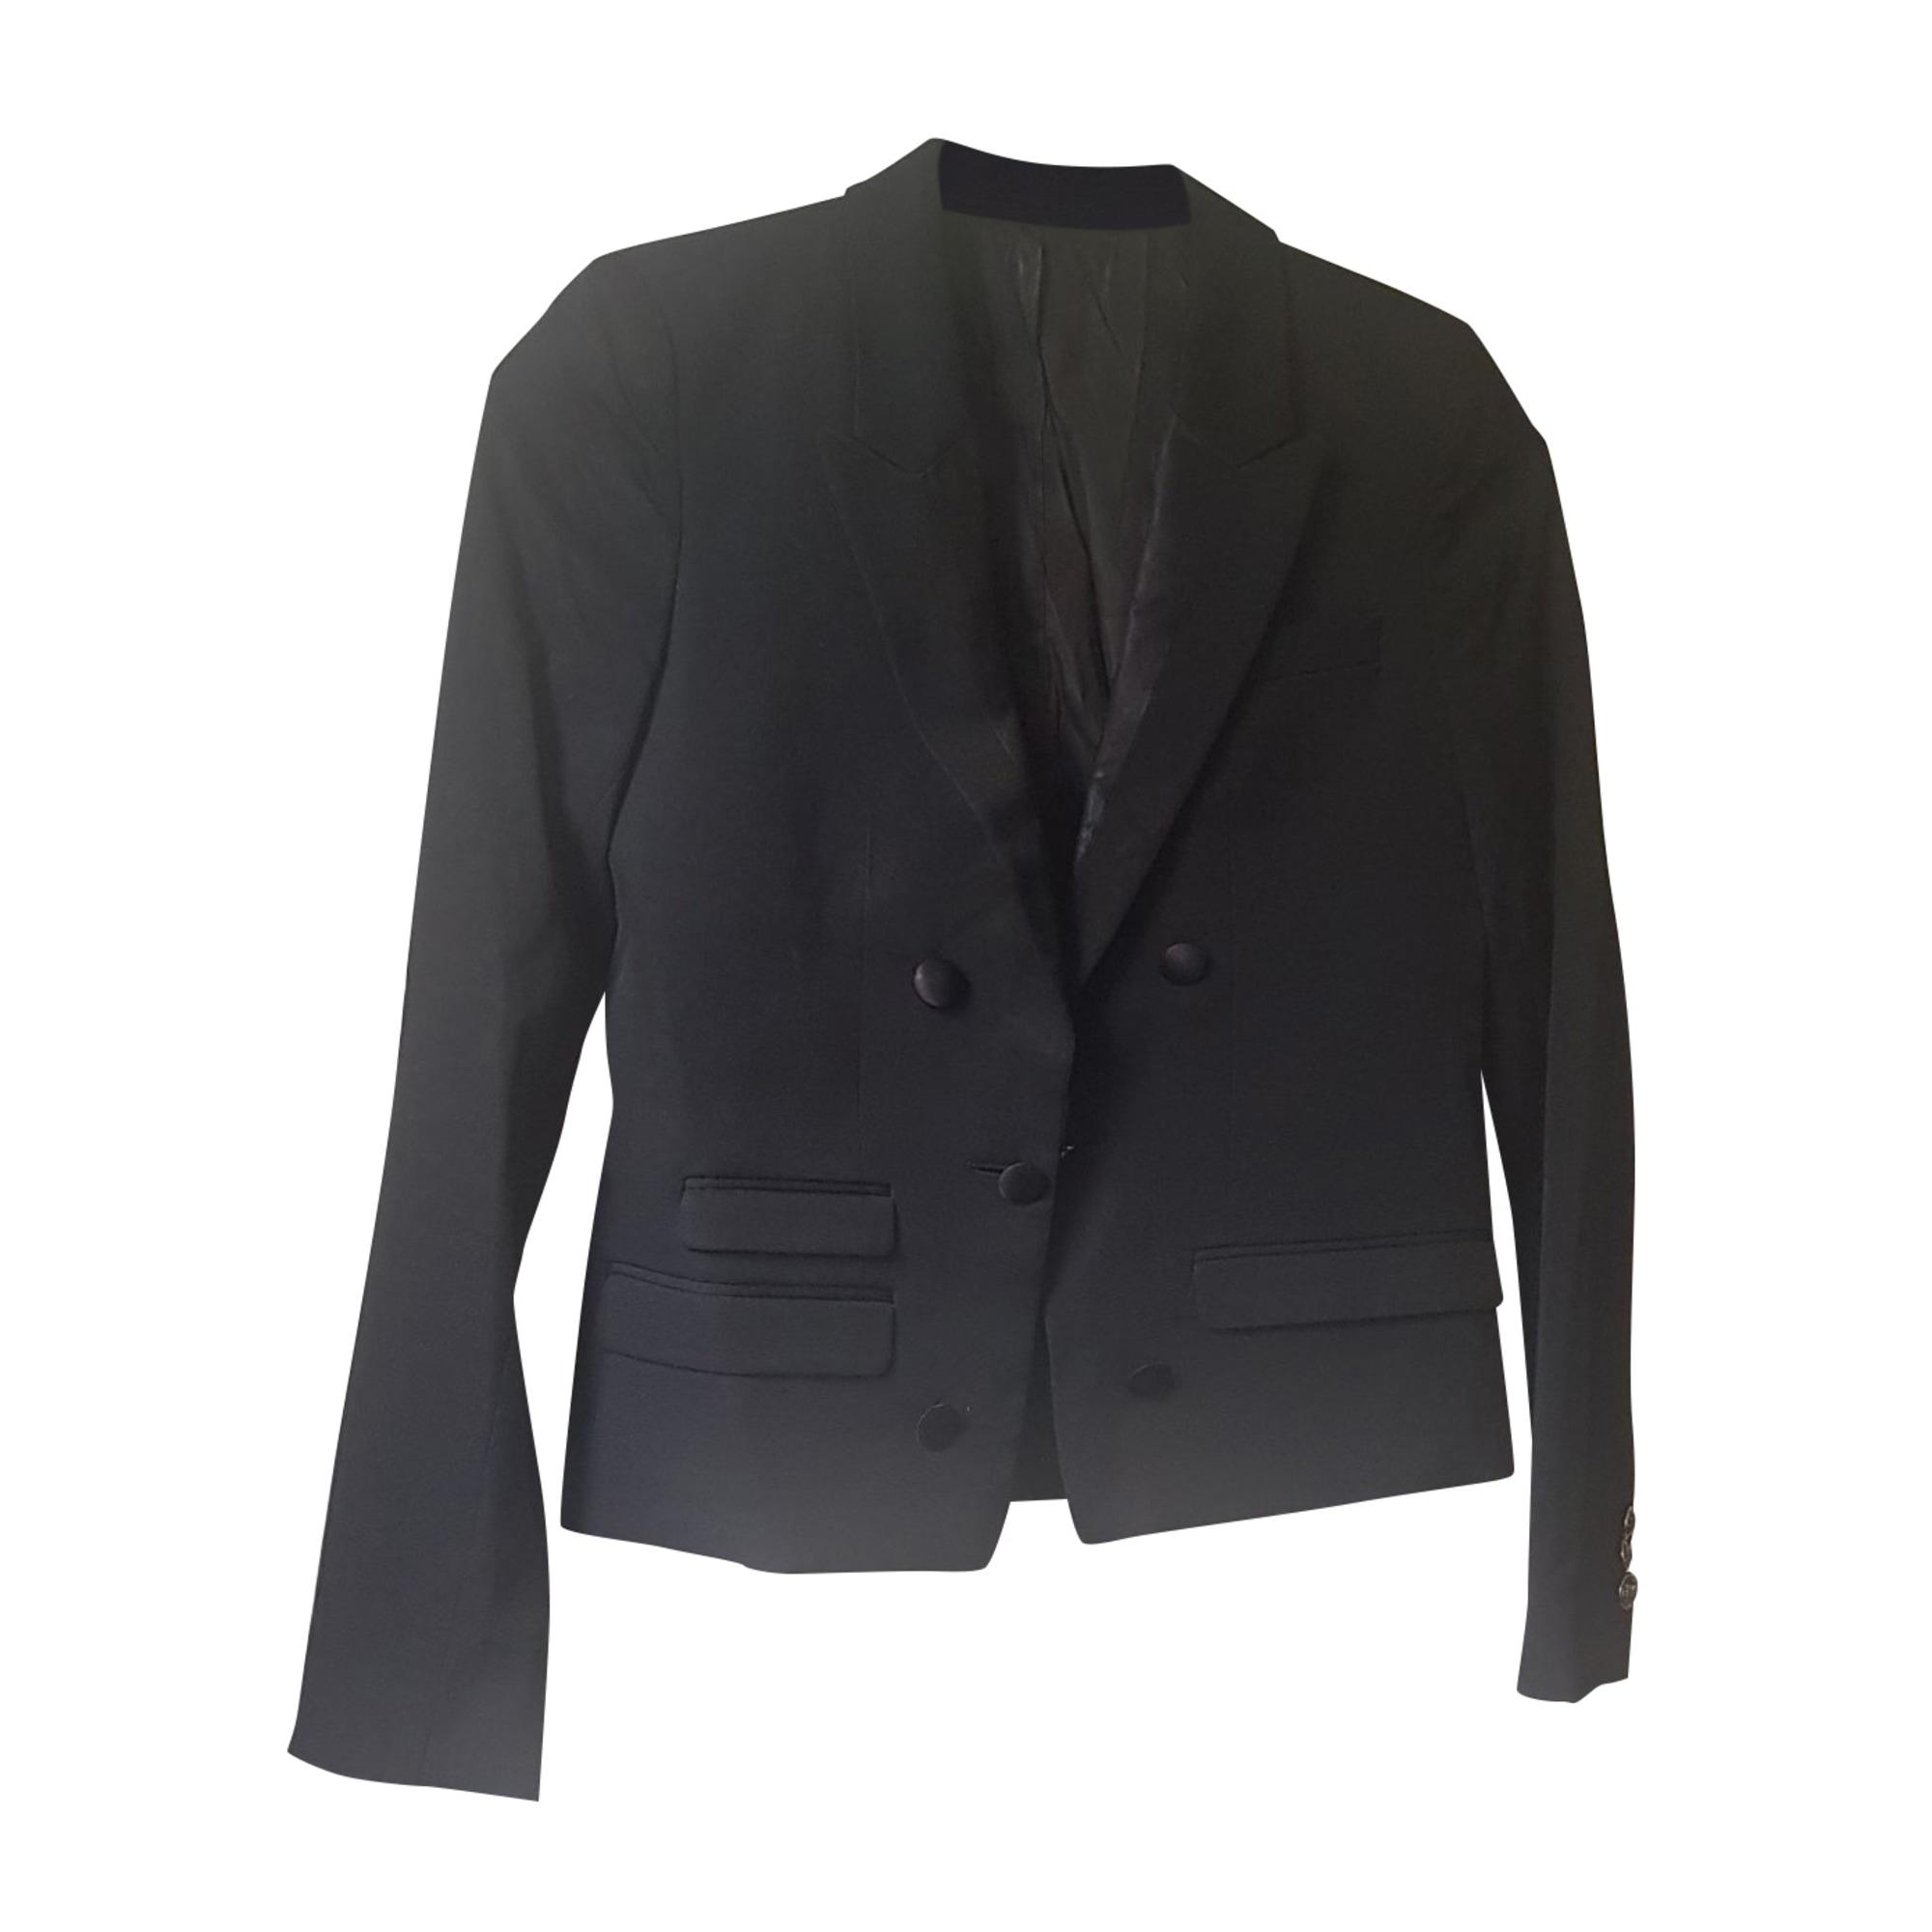 Jacket THE KOOPLES Black